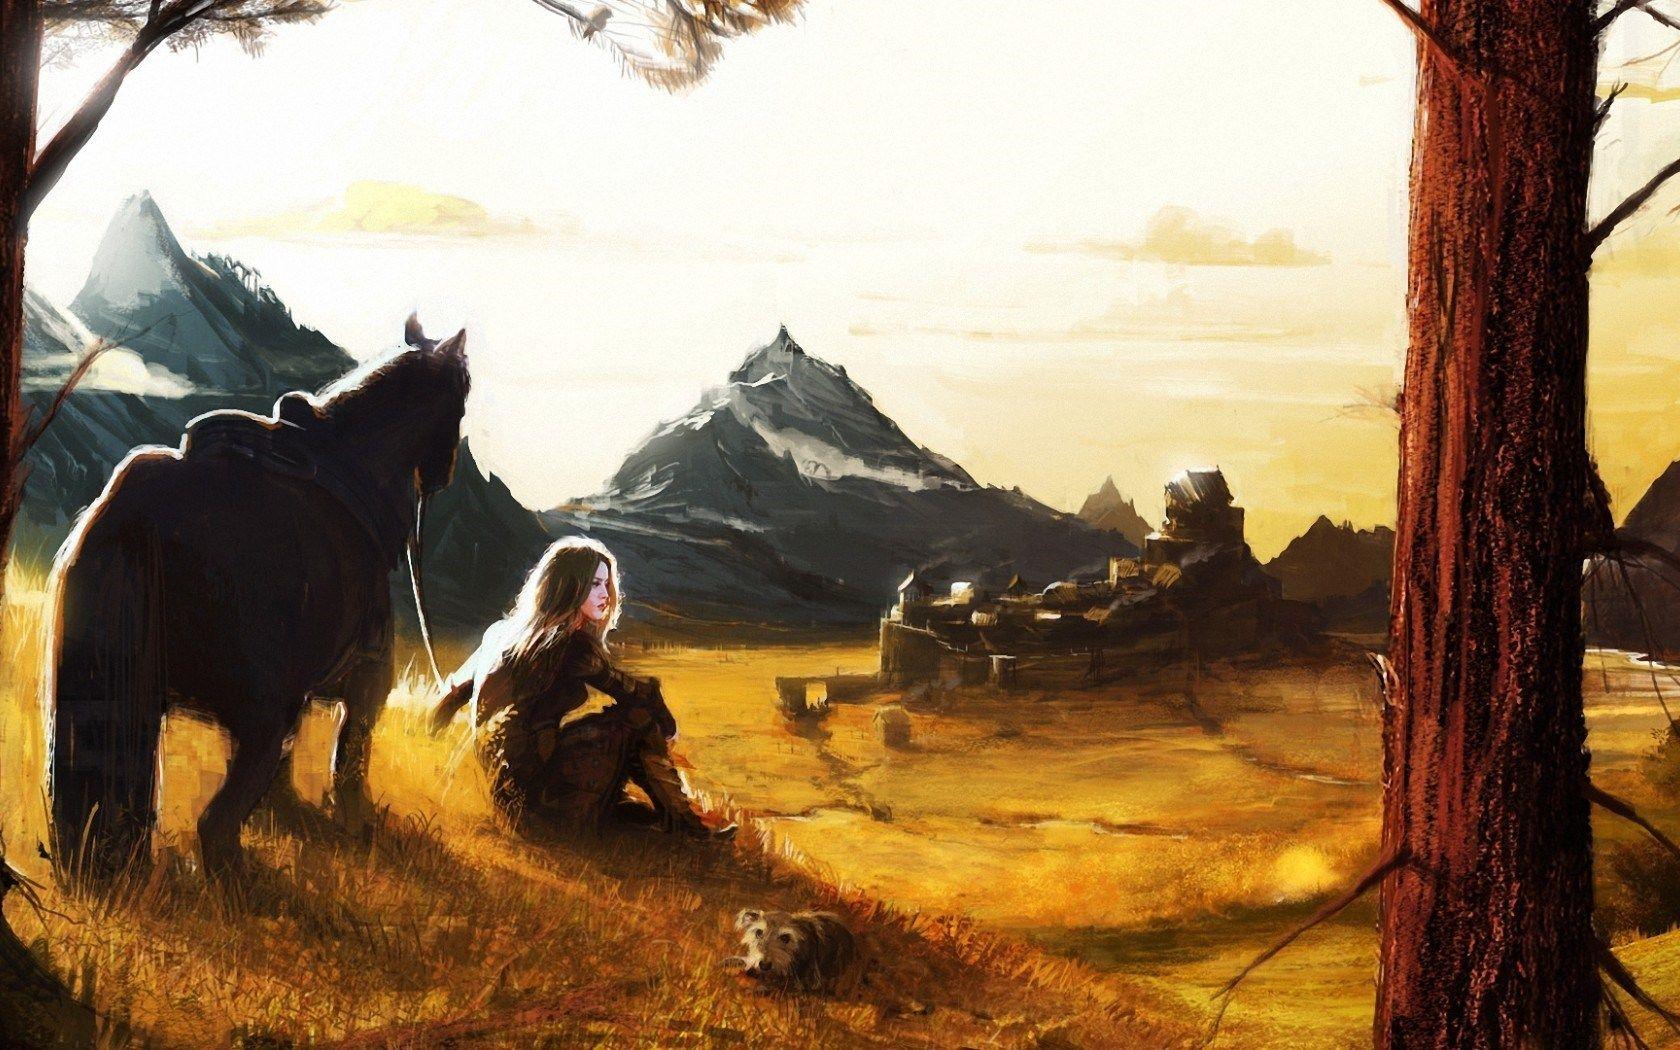 Fantastic Wallpaper Horse Art - 6c9b3a50937c149ca506f1ea5730c226  Pictures_94393.jpg